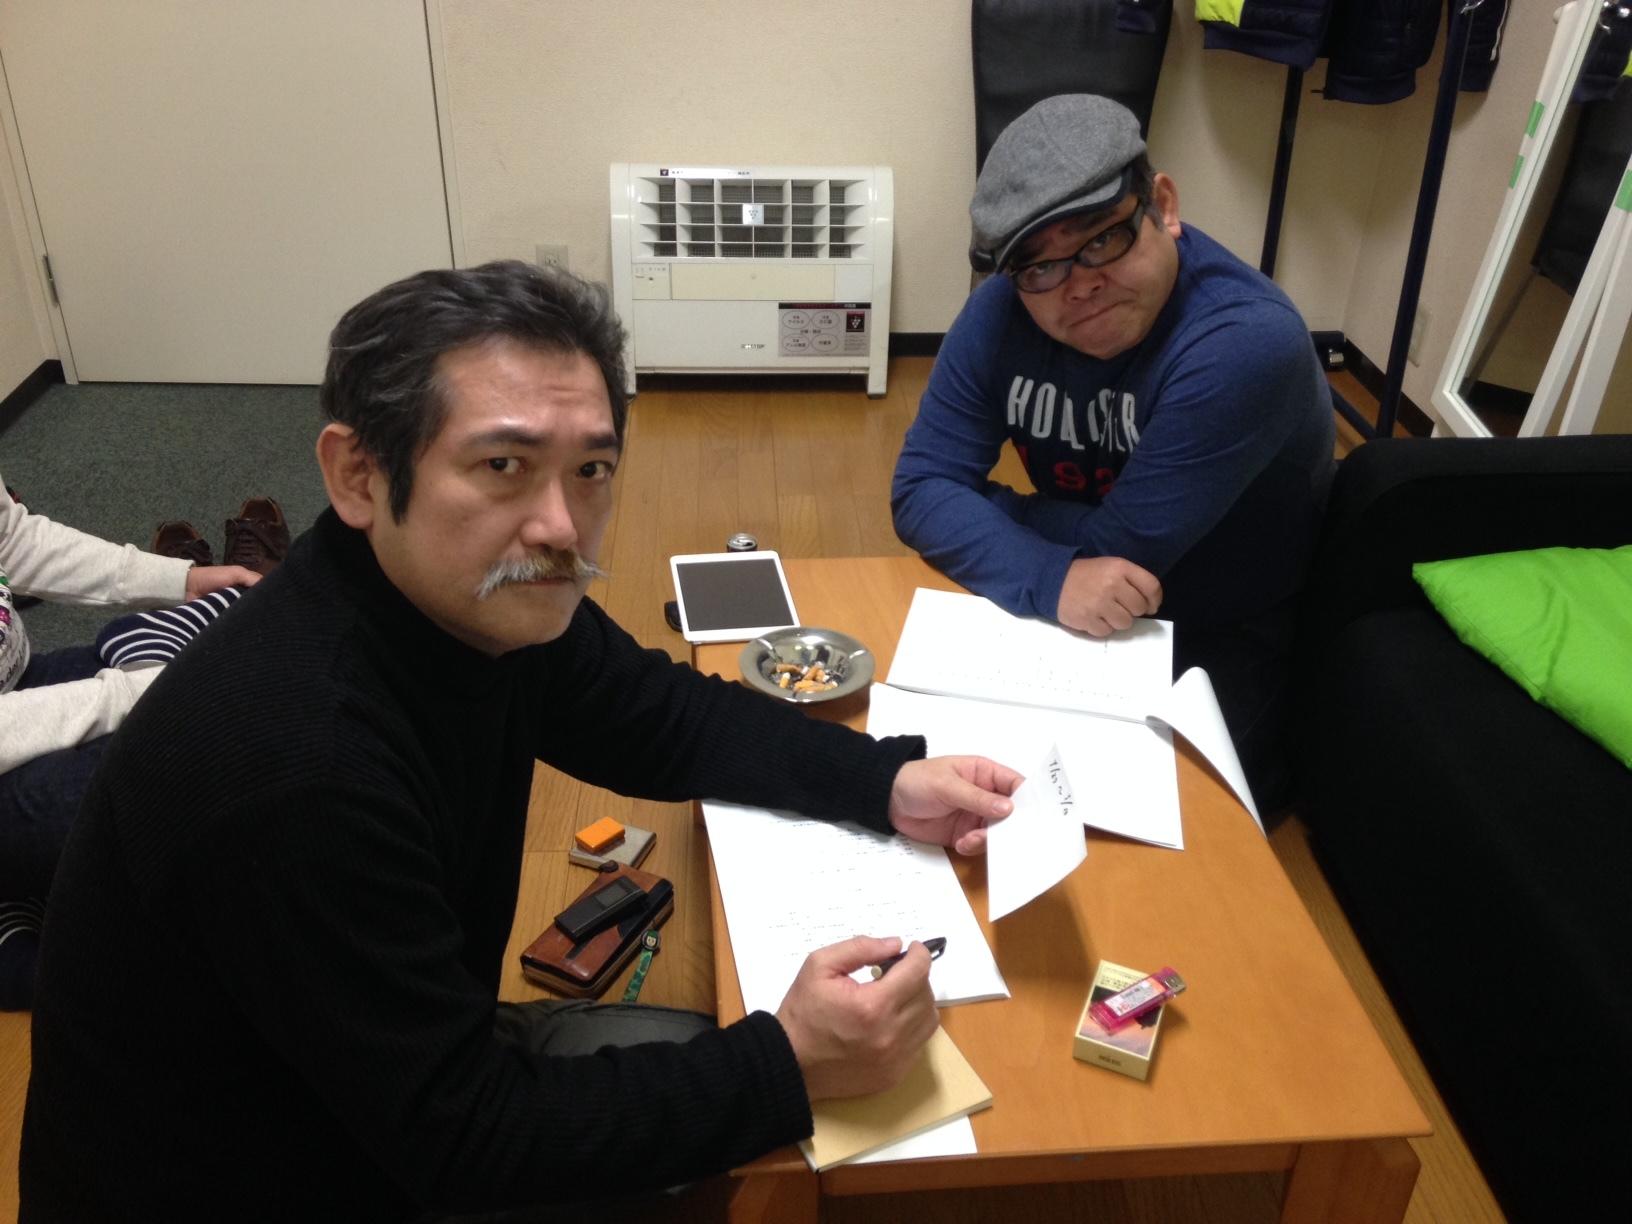 http://www.syumatsu.jp/photos/uncategorized/2015/03/09/20150309155700-d312291530bcad55f229a0181f95b69d0d892934.jpg